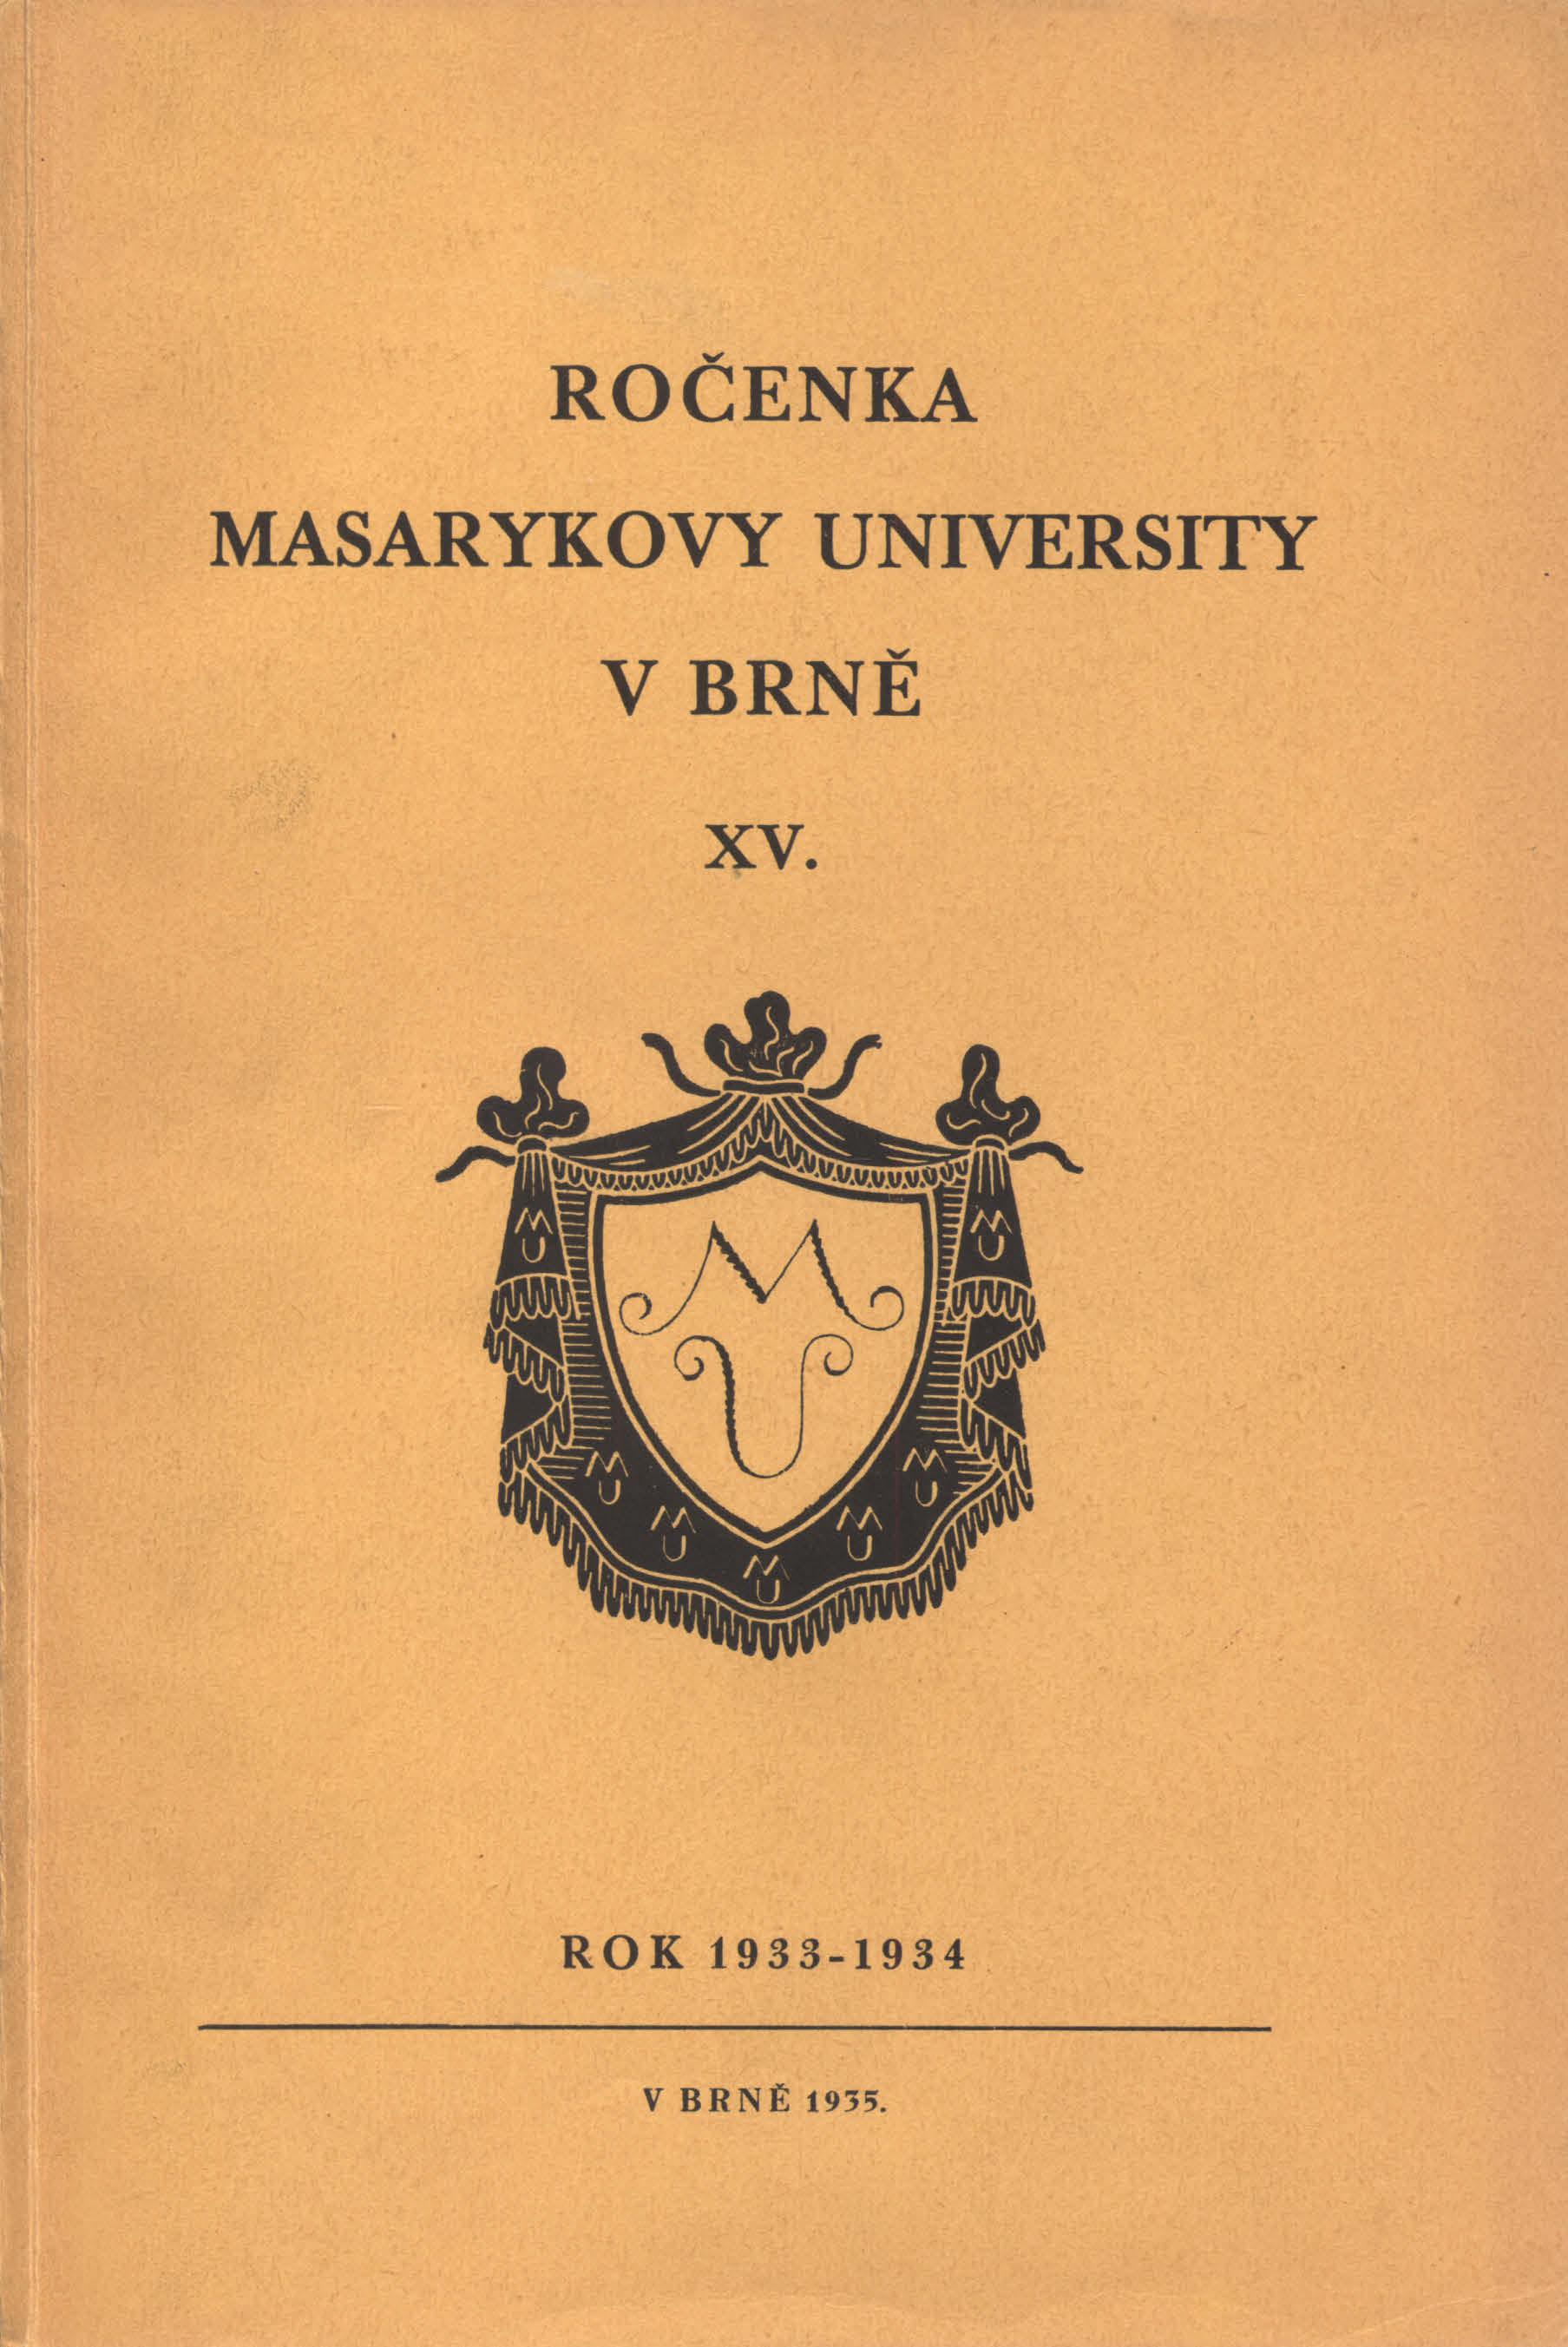 Obálka pro Ročenka Masarykovy university v Brně. XV, Rok 1933-1934